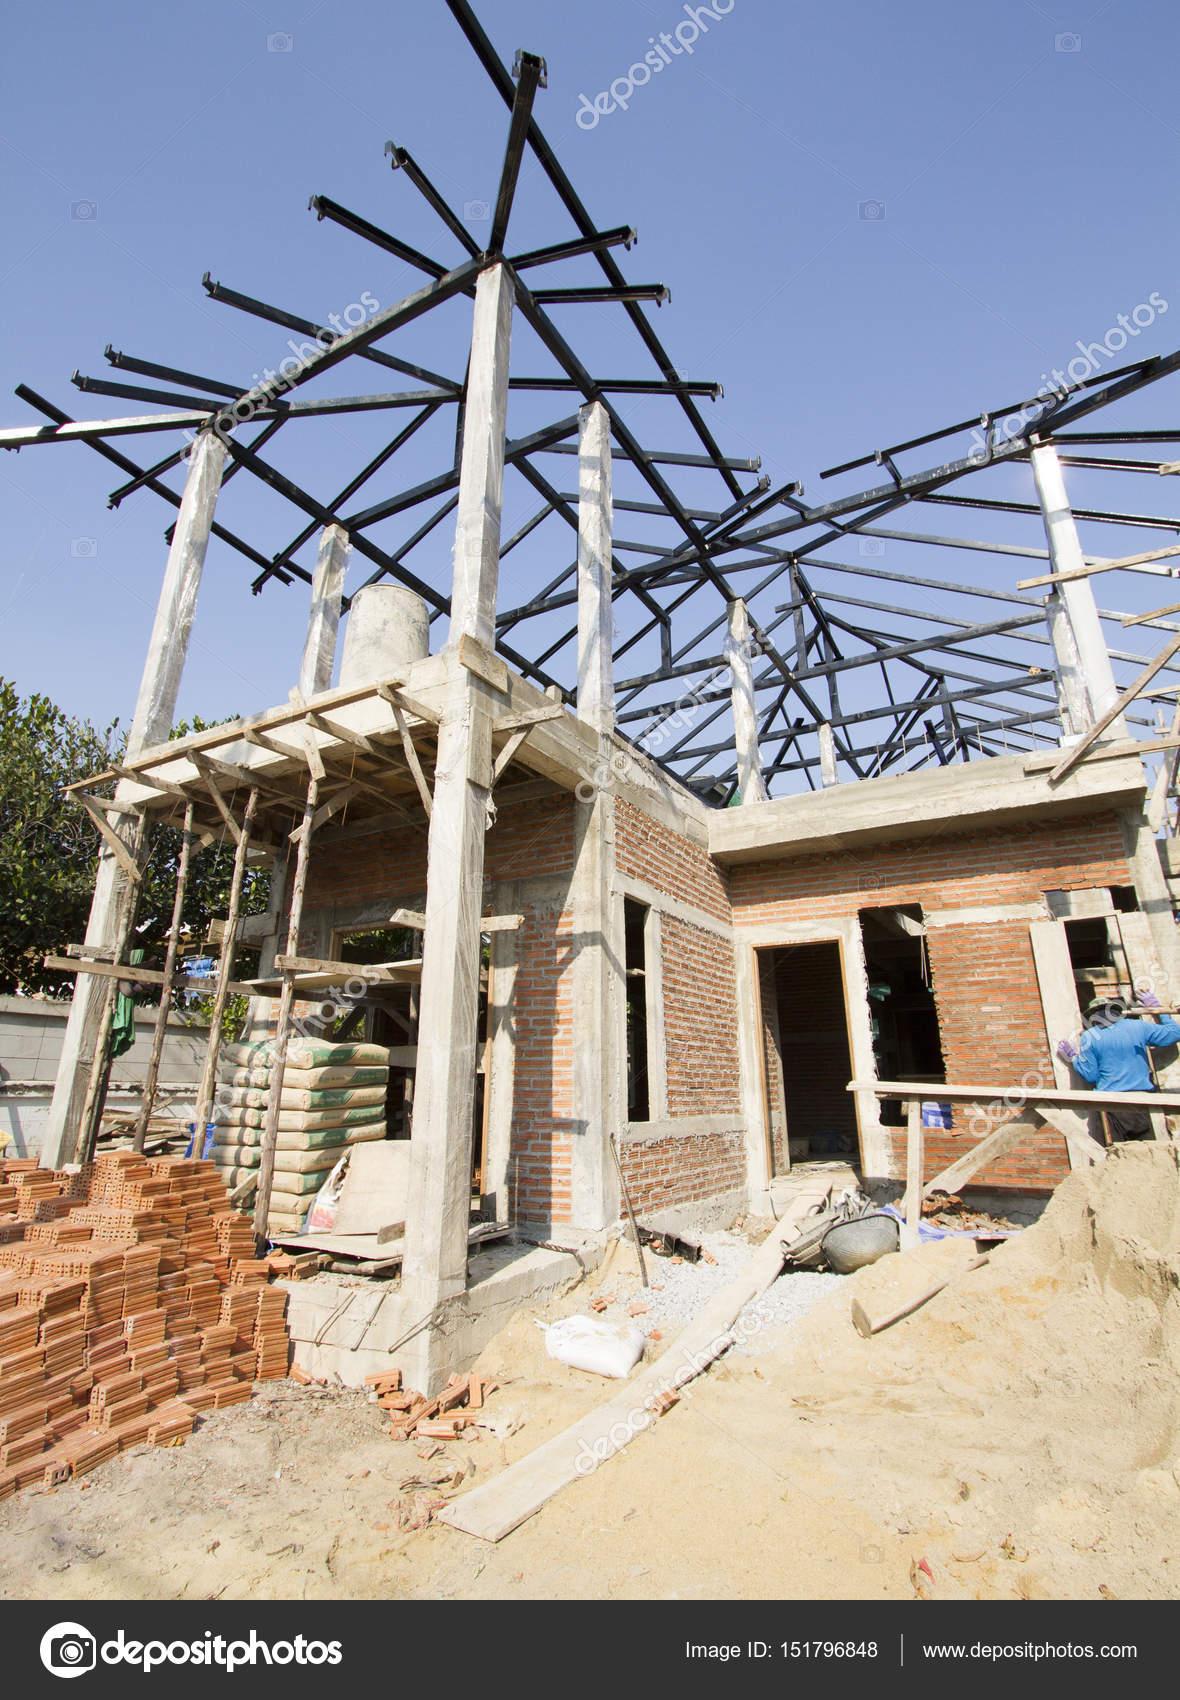 Estructura met lica de cubierta de debajo de casa de la construcci n fotos de stock drpnncpp - Estructura metalica cubierta ...